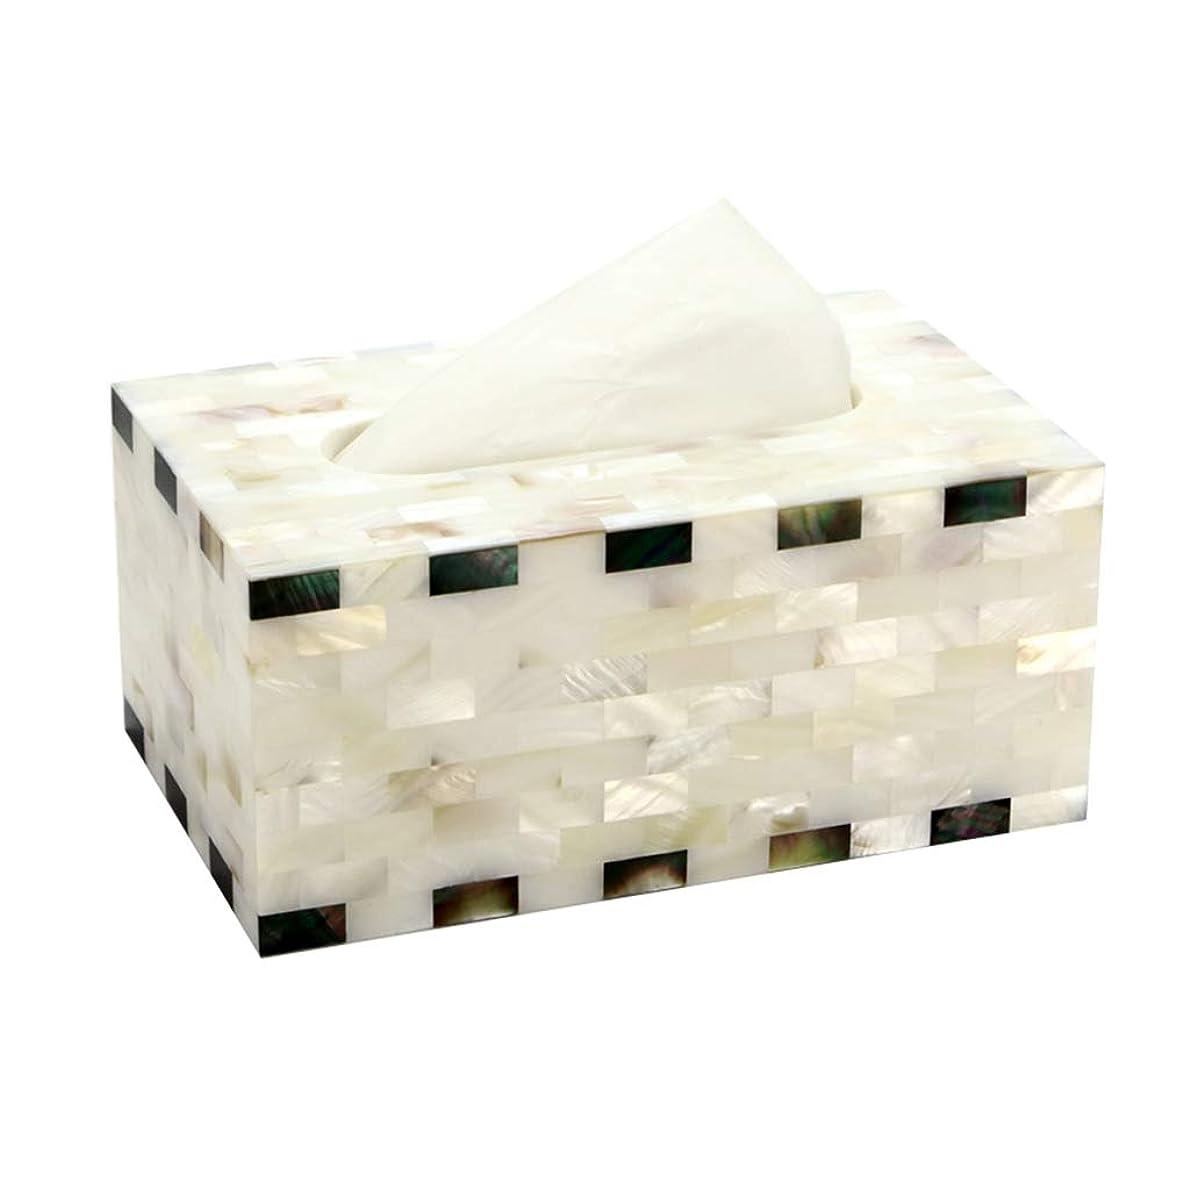 擬人上げる中絶GWM クリエイティブ白黒シェルティッシュホルダーボックスホーム長方形リビングルームデスクトップ収納ボックス防水浴室ペーパータオルラック、18.5×11×9センチ